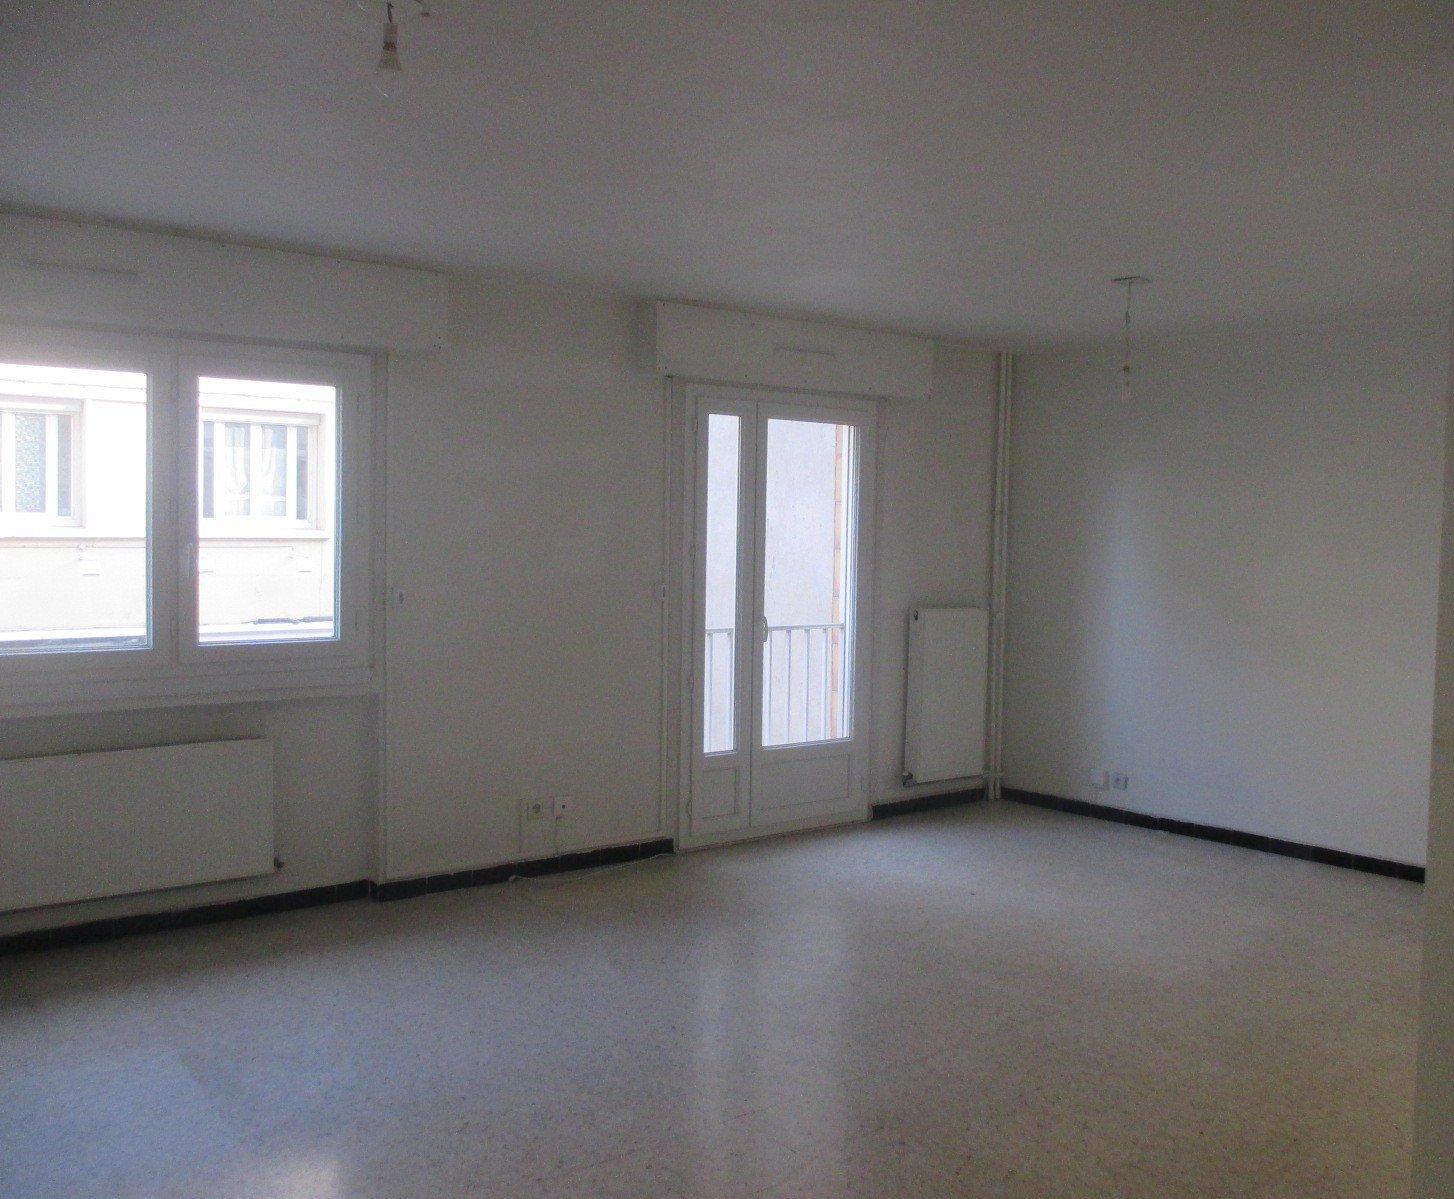 SAINT ETIENNE SUD - Appartement 4 pièces 78 m² avec balcon